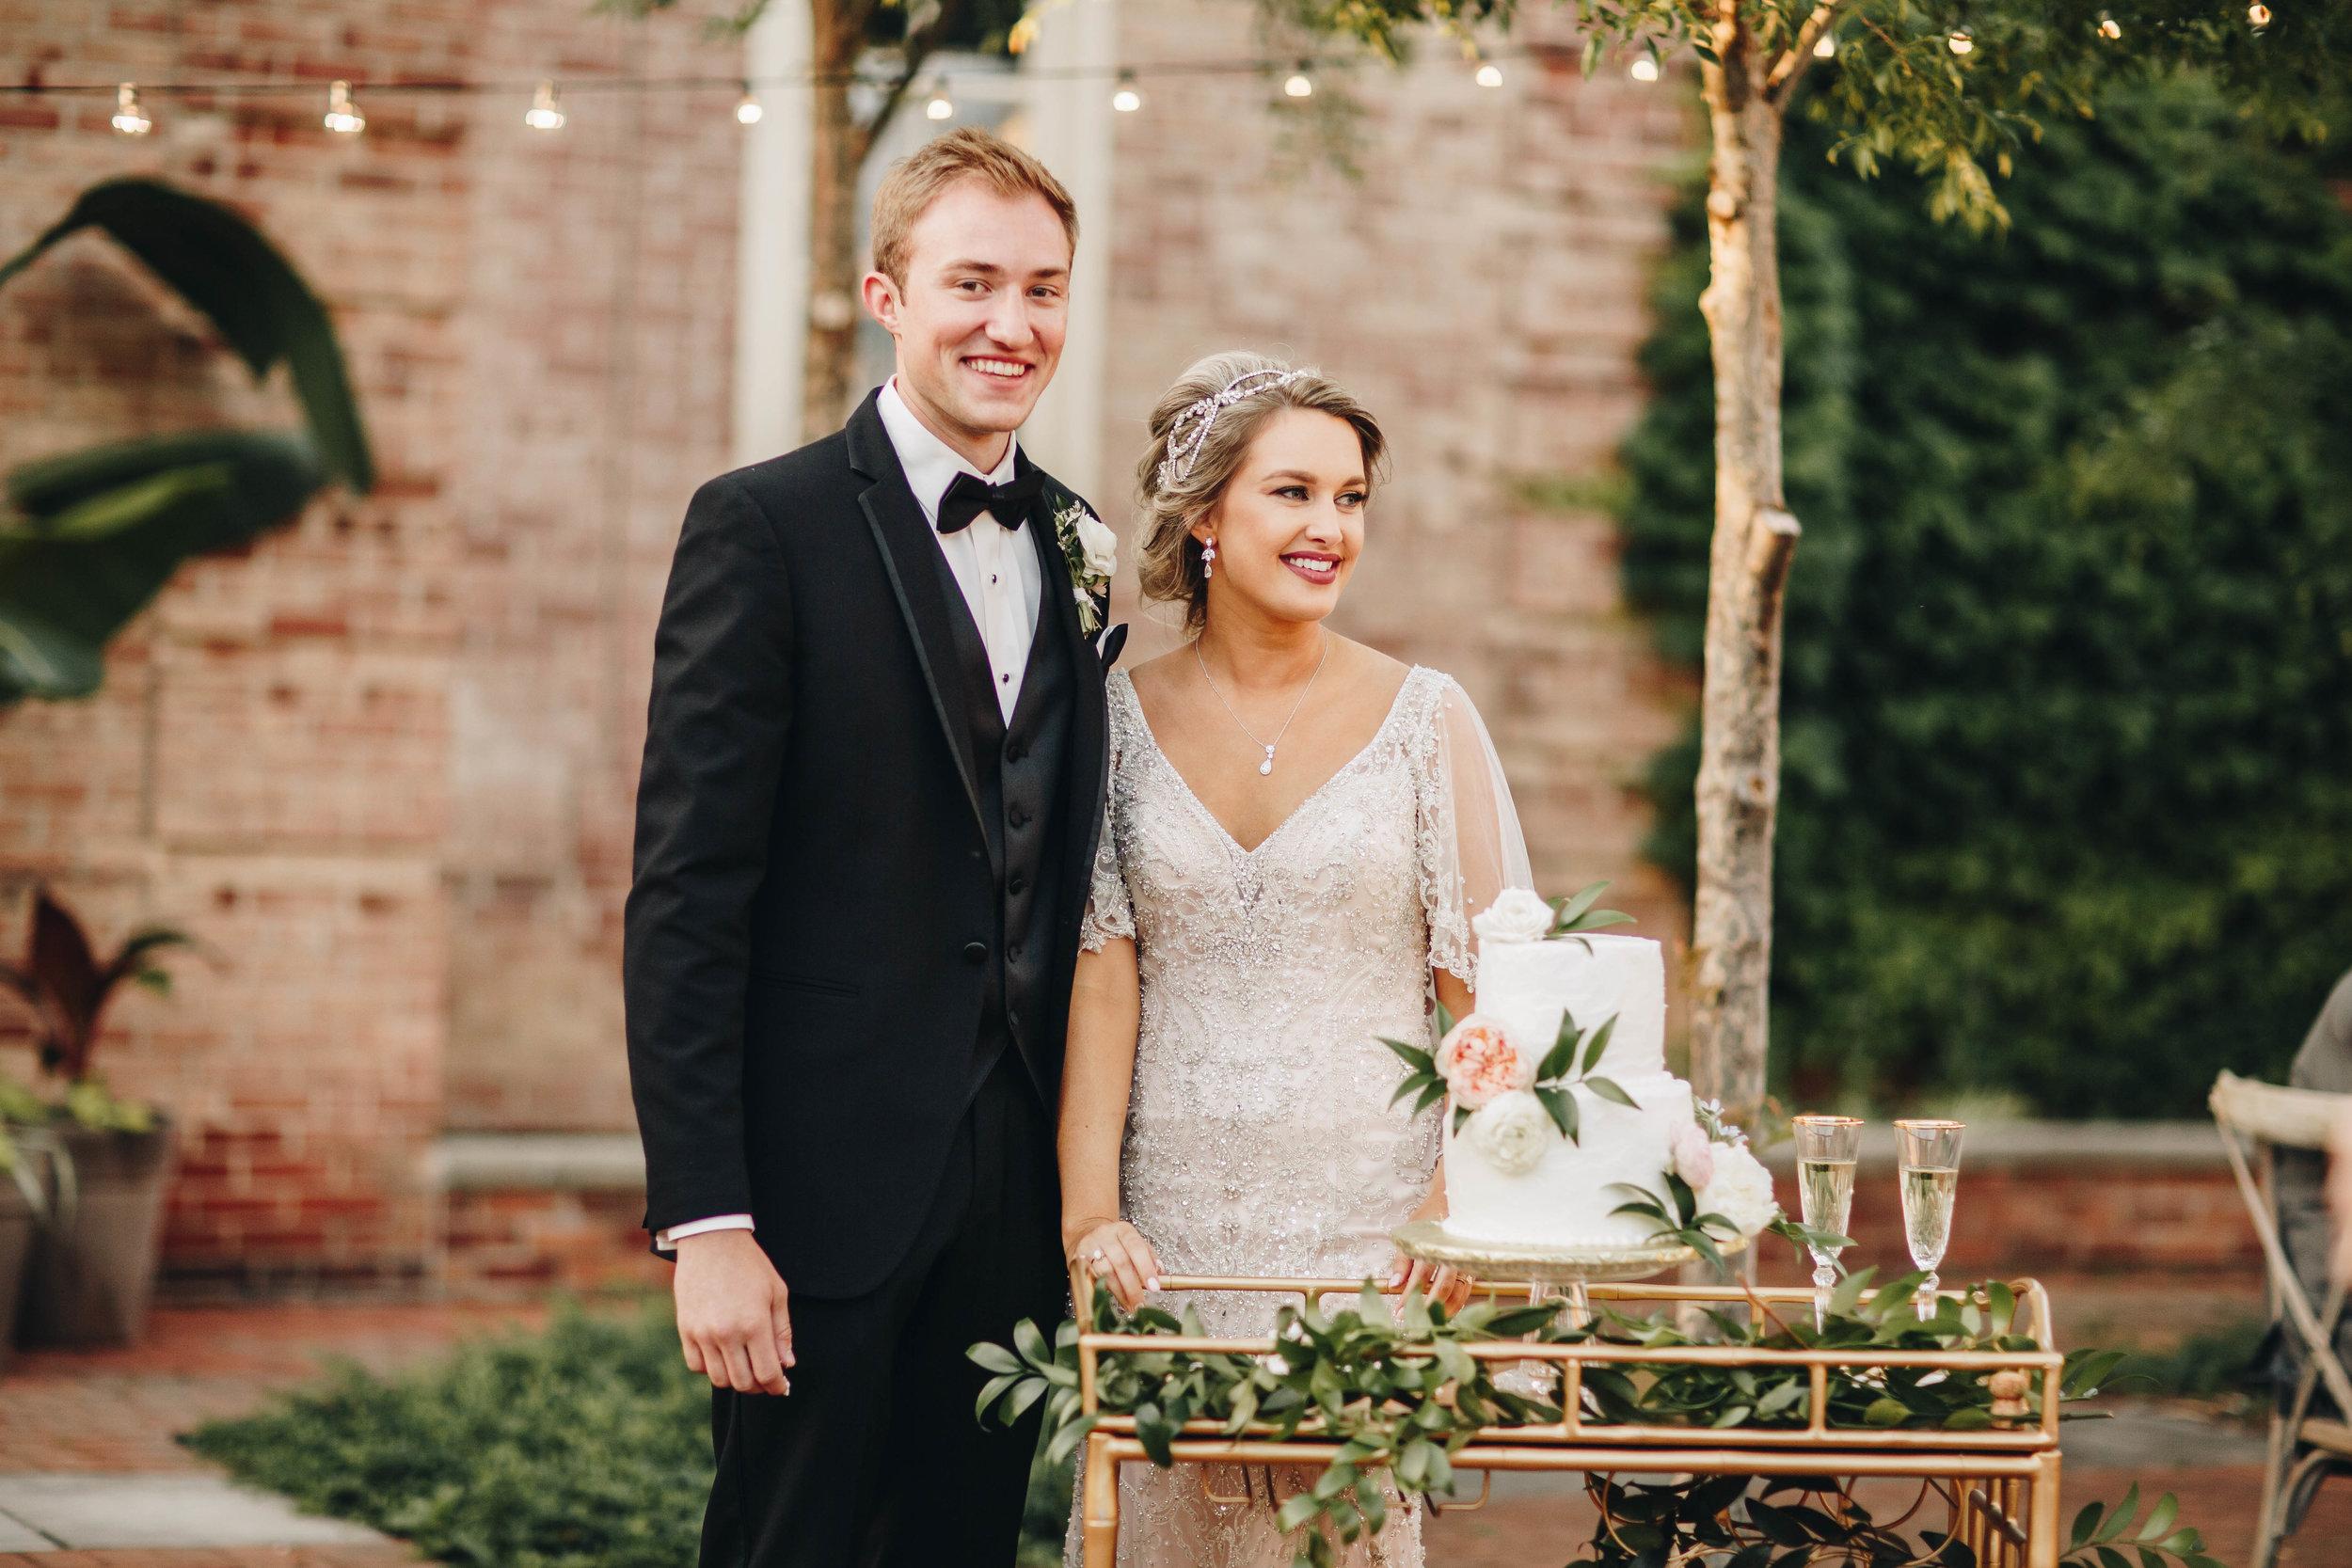 Cincinnati+wedding+photographer-65.jpeg